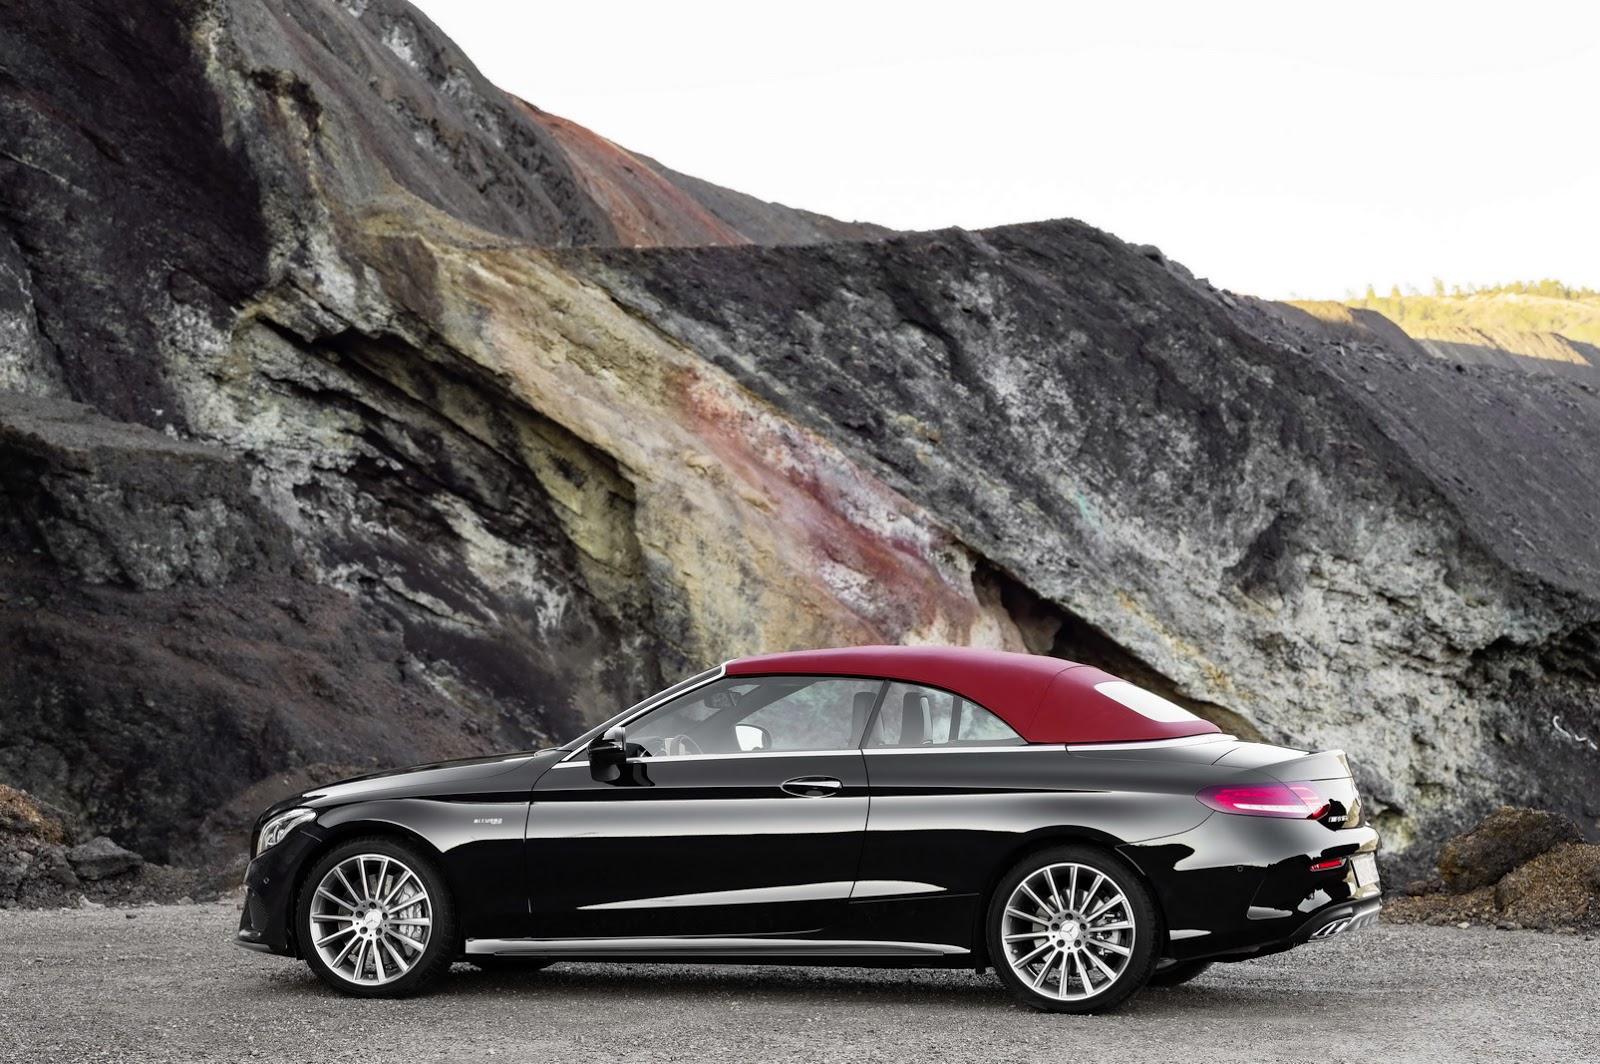 nuova mercedes classe c cabrio 2016 revving it blog sul mondo dell 39 auto. Black Bedroom Furniture Sets. Home Design Ideas